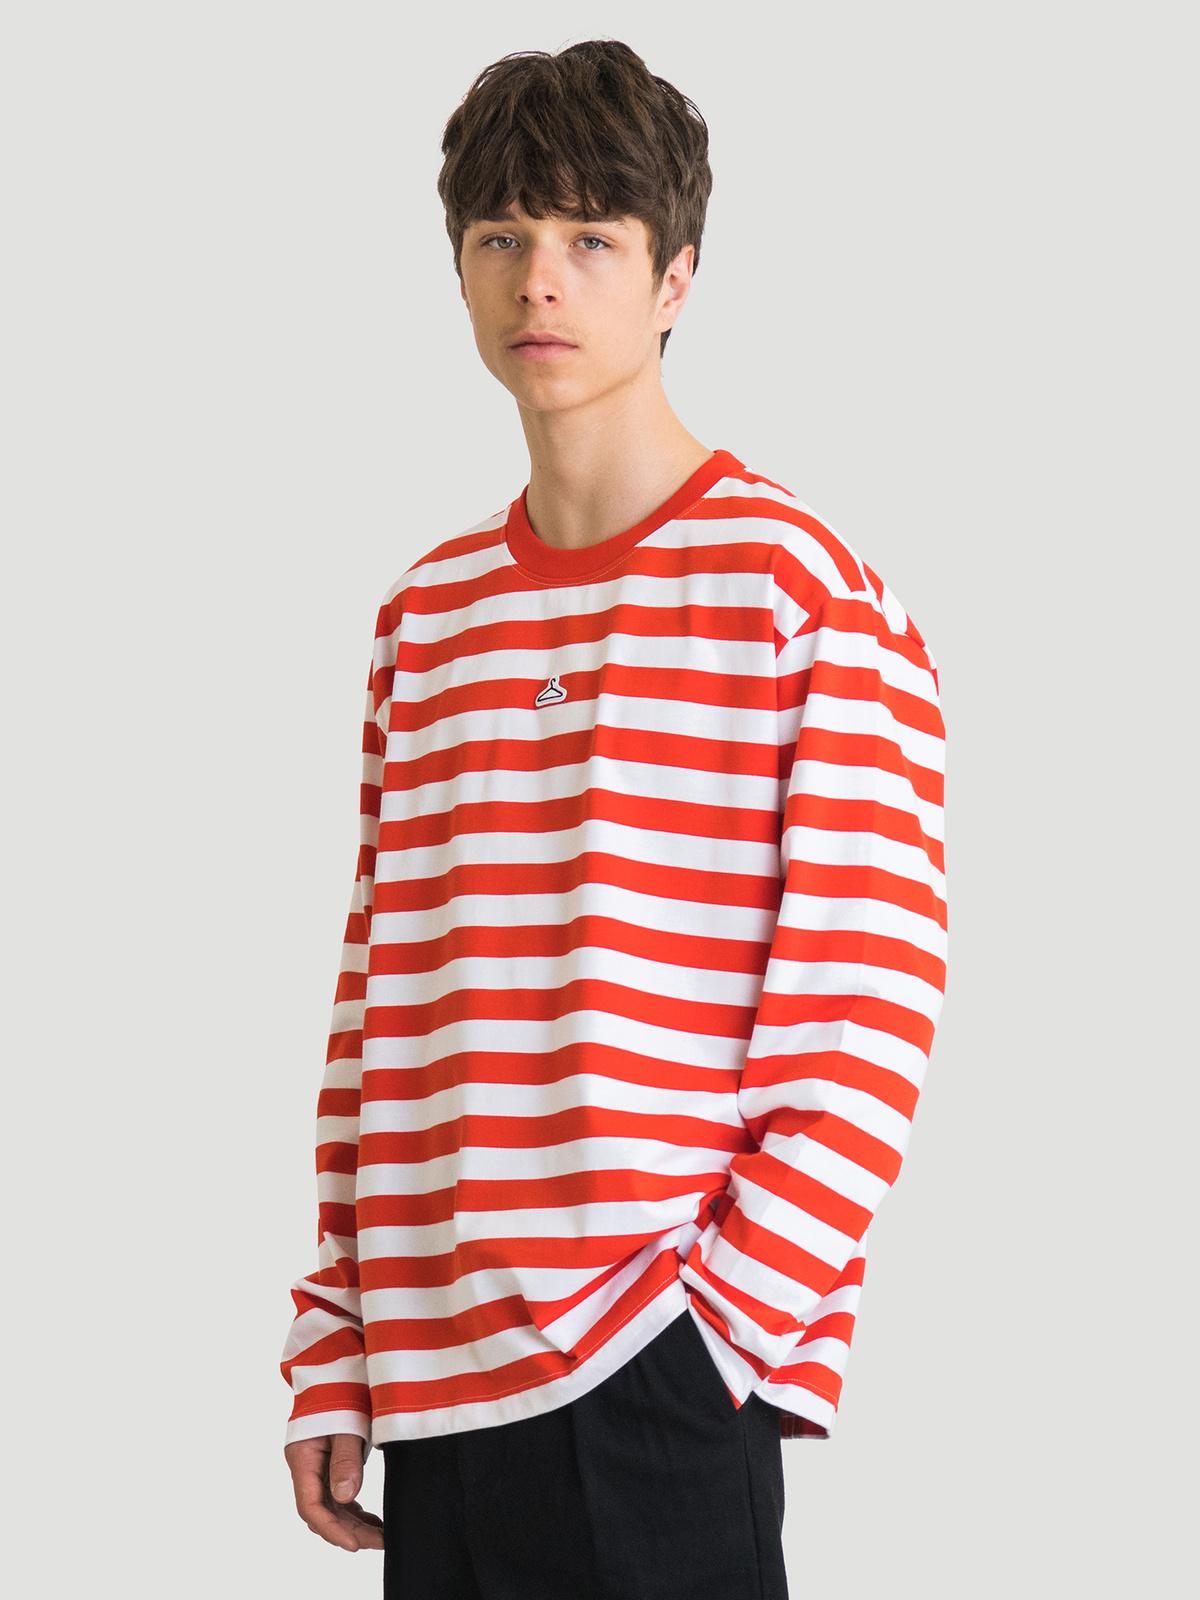 Hanger Striped Longsleeve Red White 7